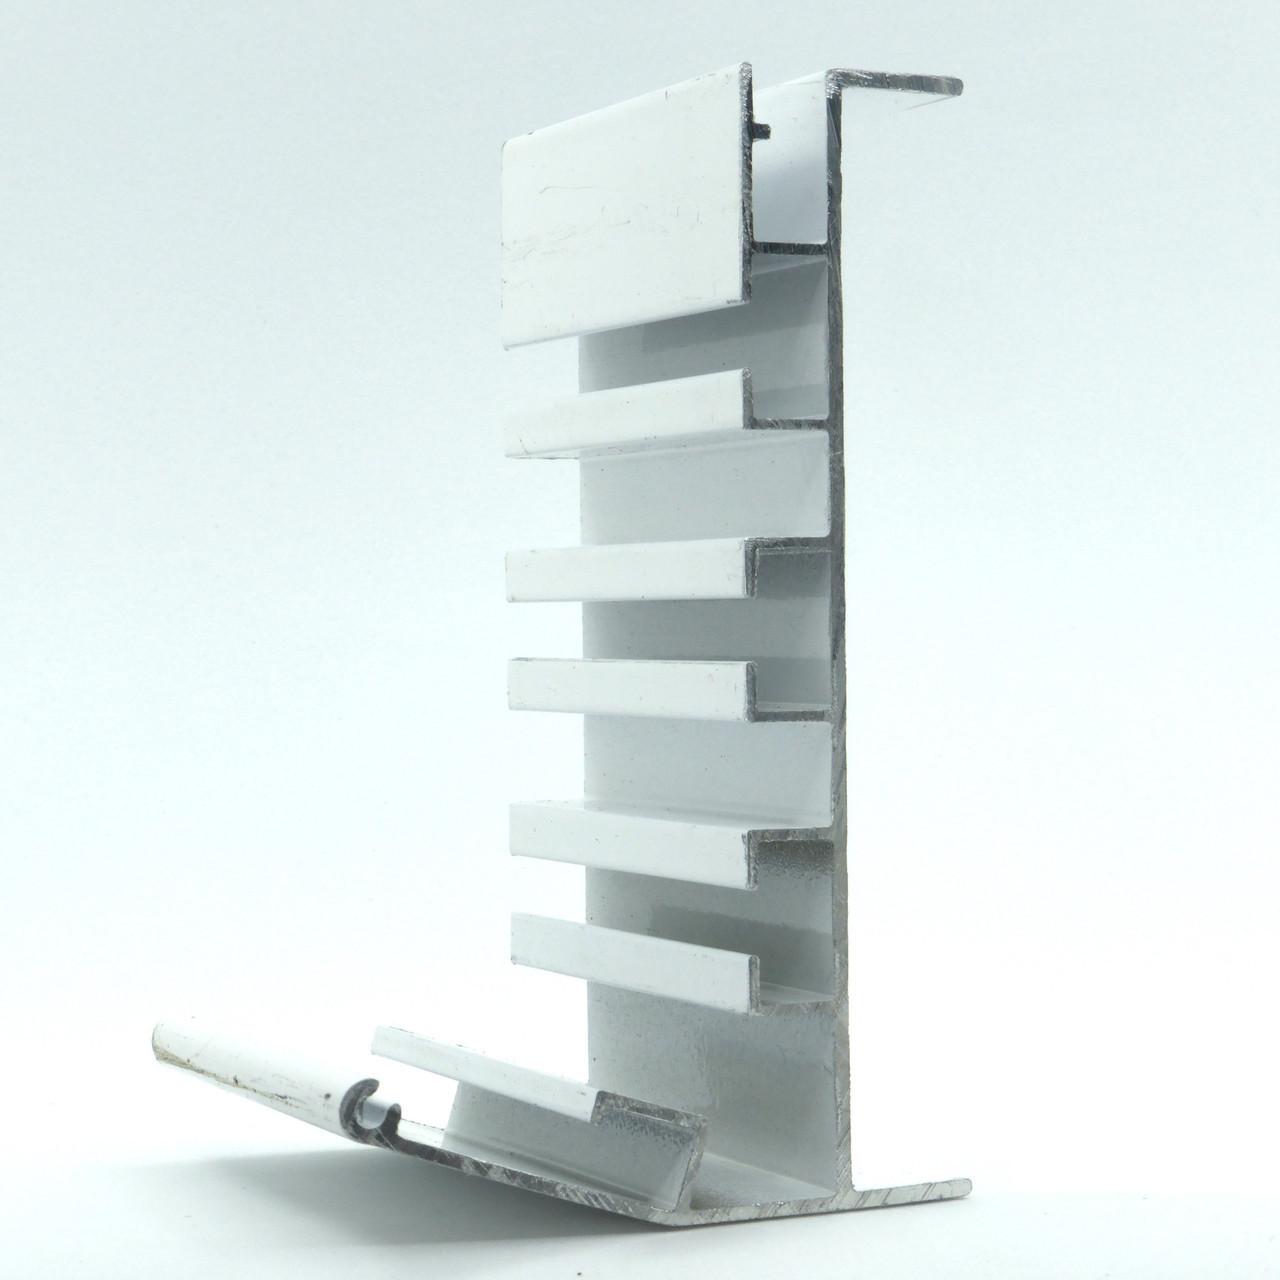 Профиль алюминиевый - Гардина трехполосный. Длина профиля 2,5 м.